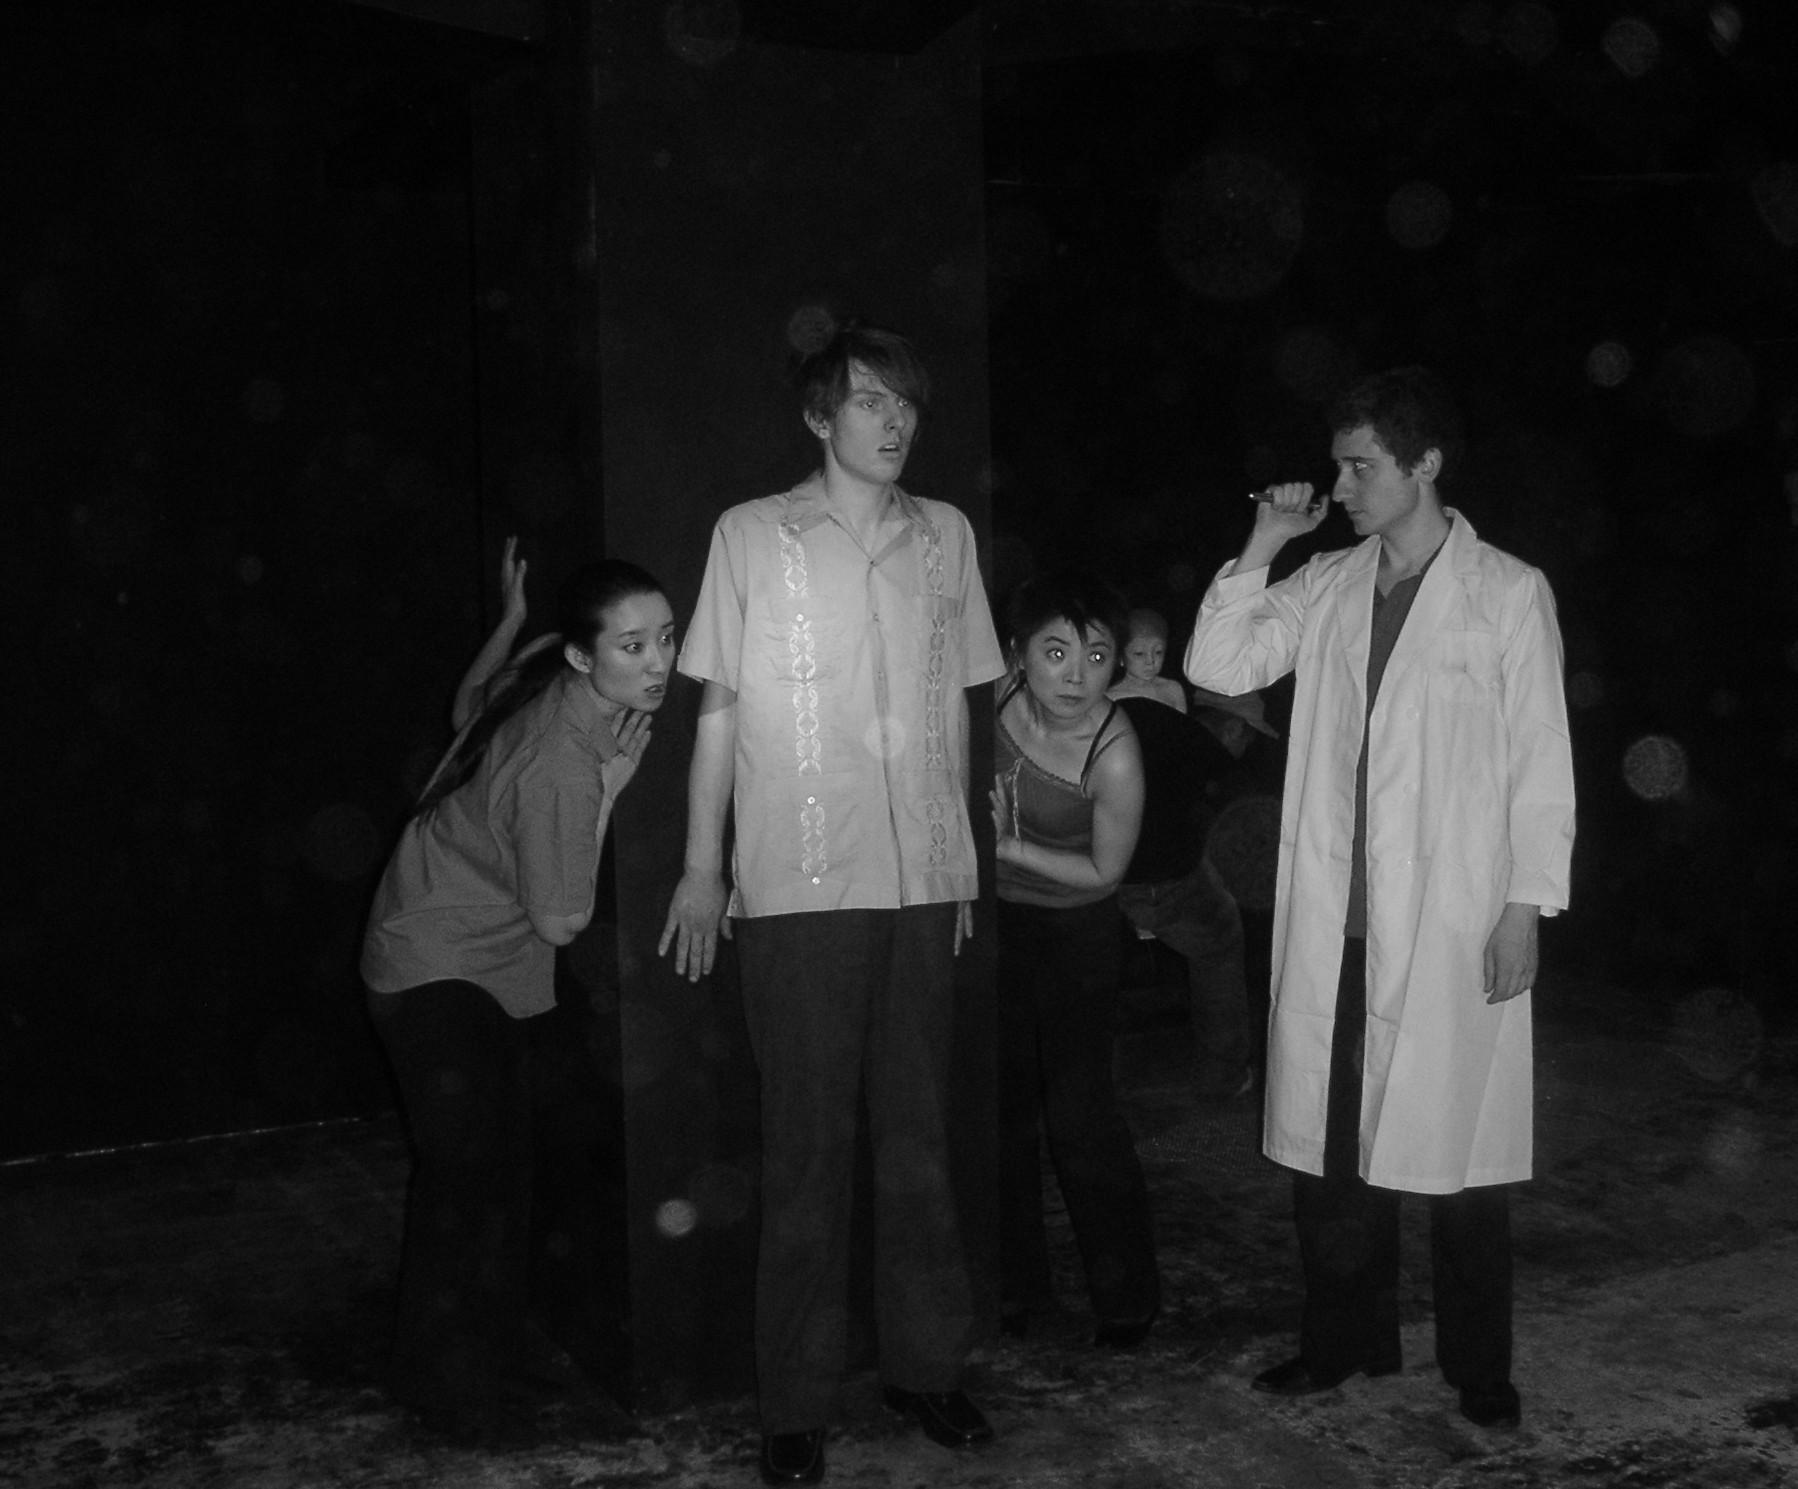 The Otherside from Shita No Shita - 2006